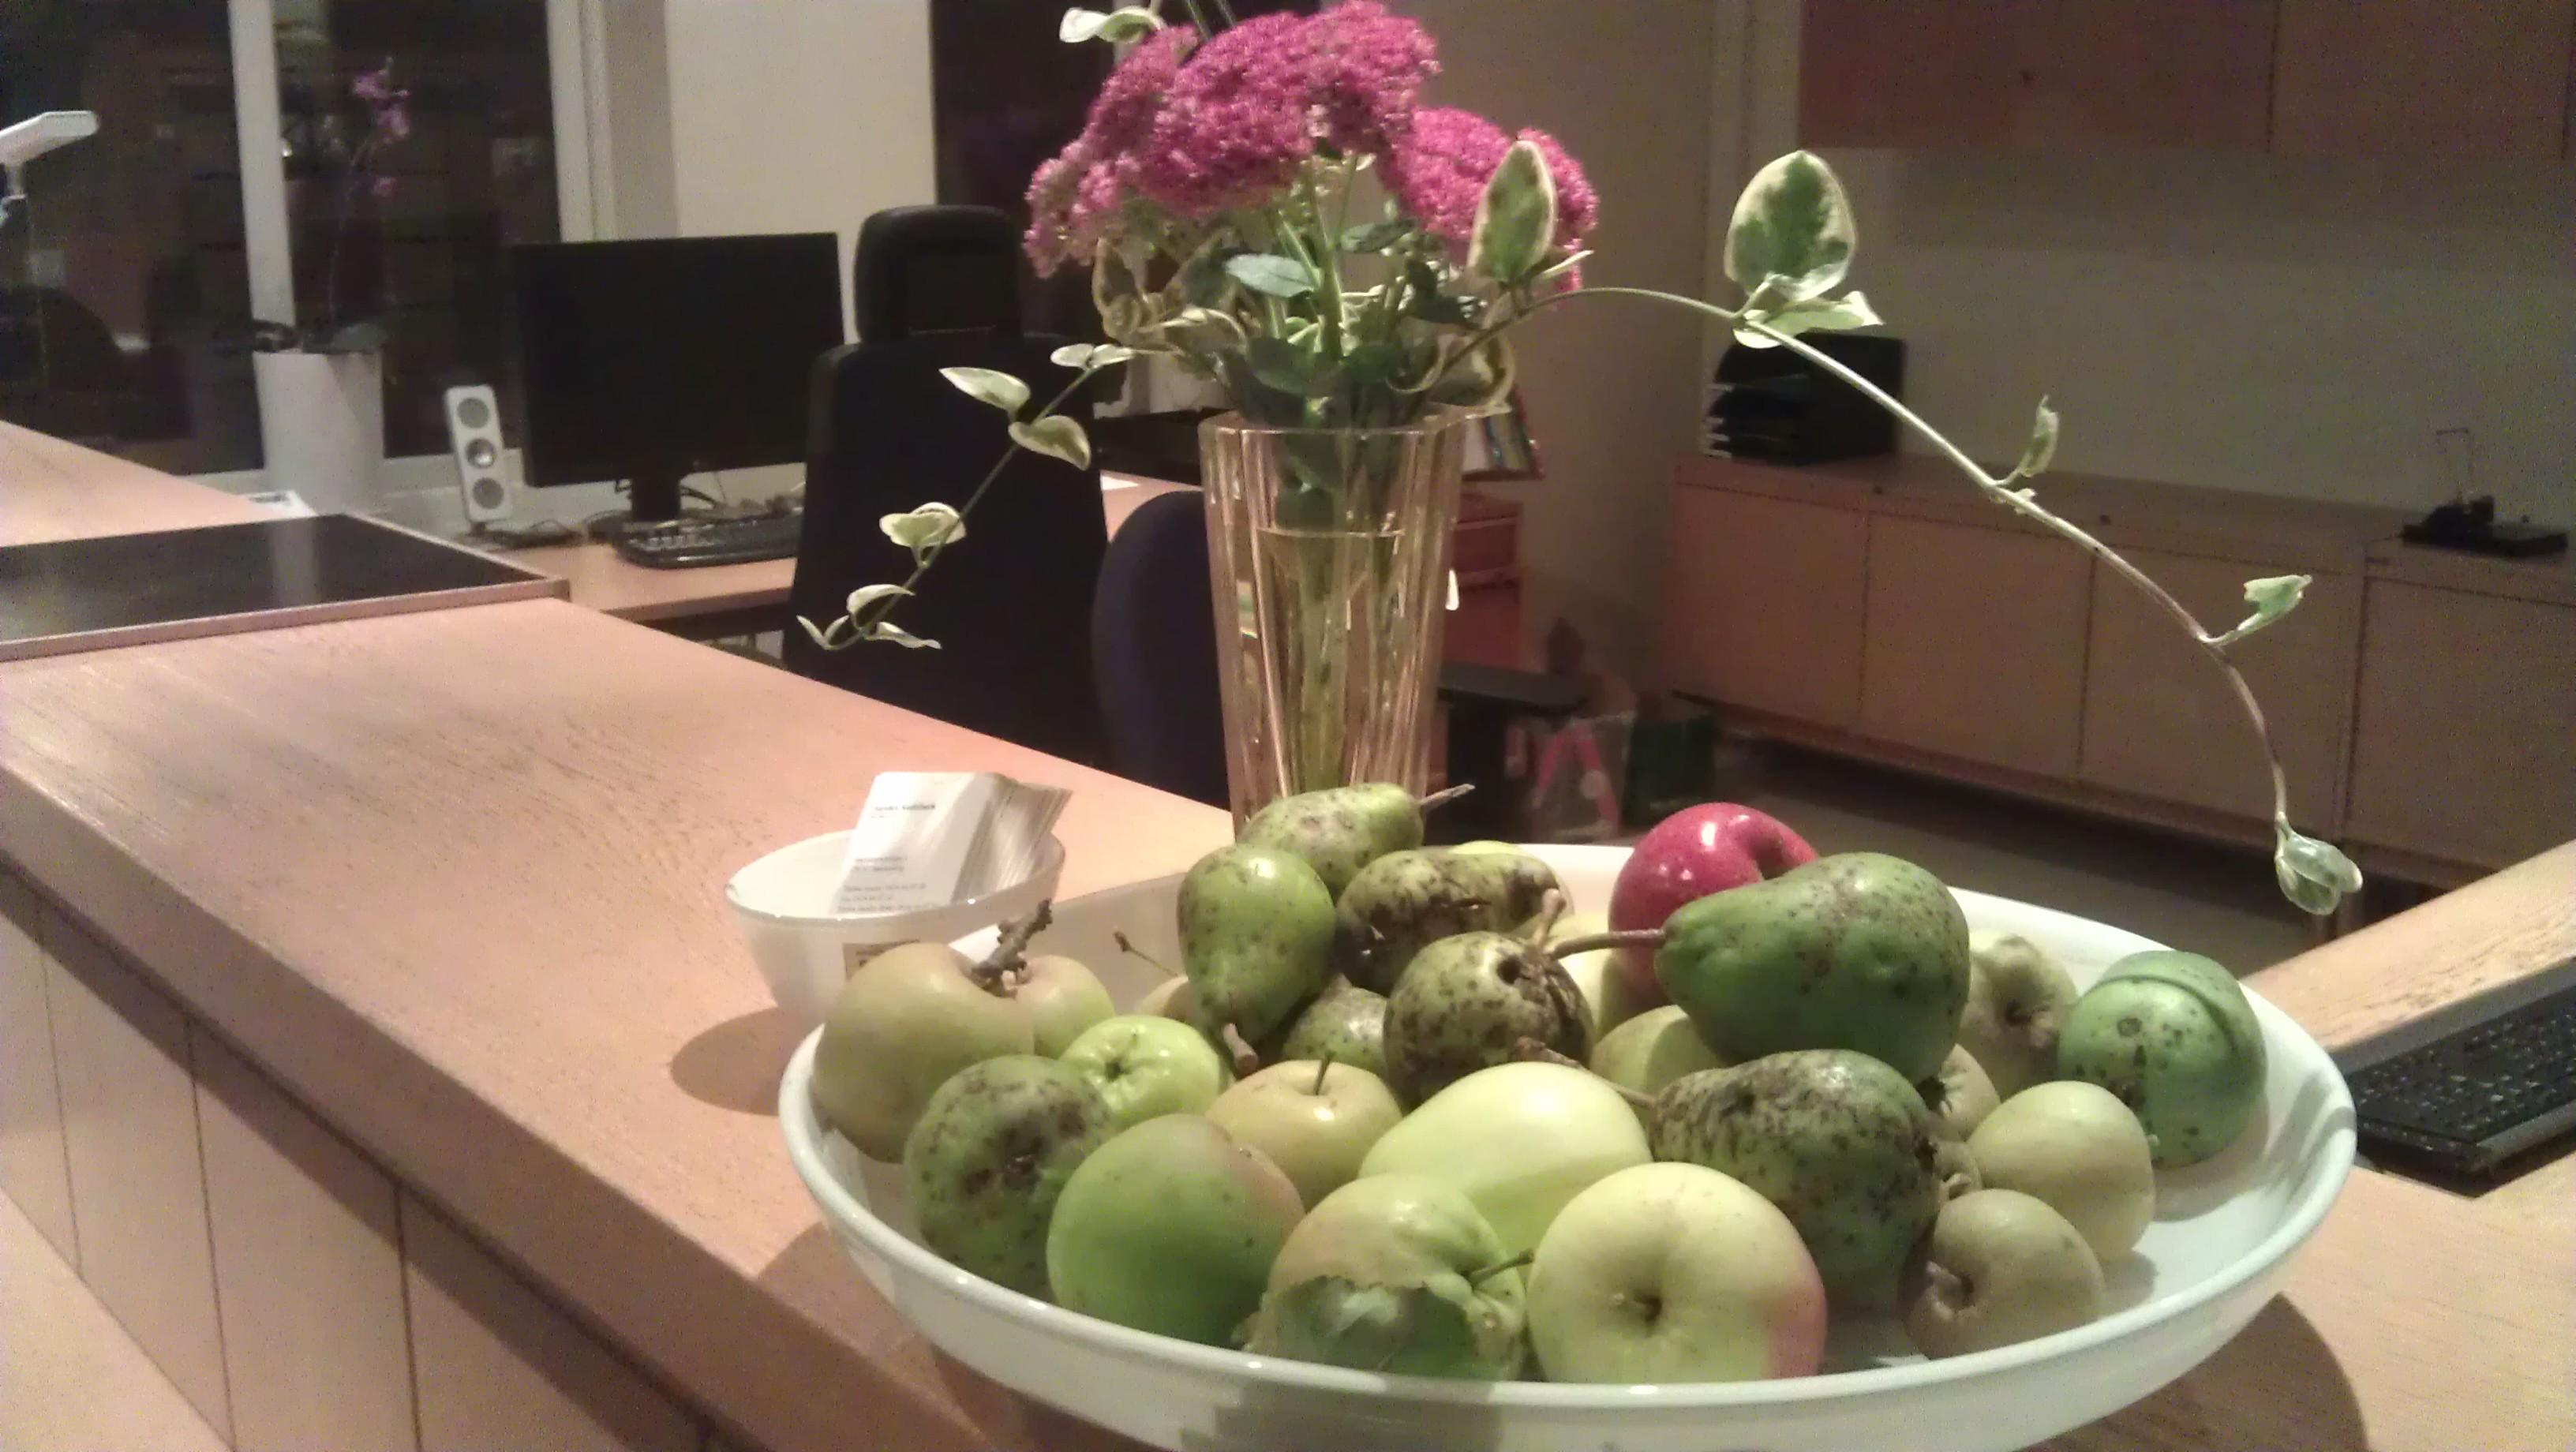 Obesprutade äpplen och päron